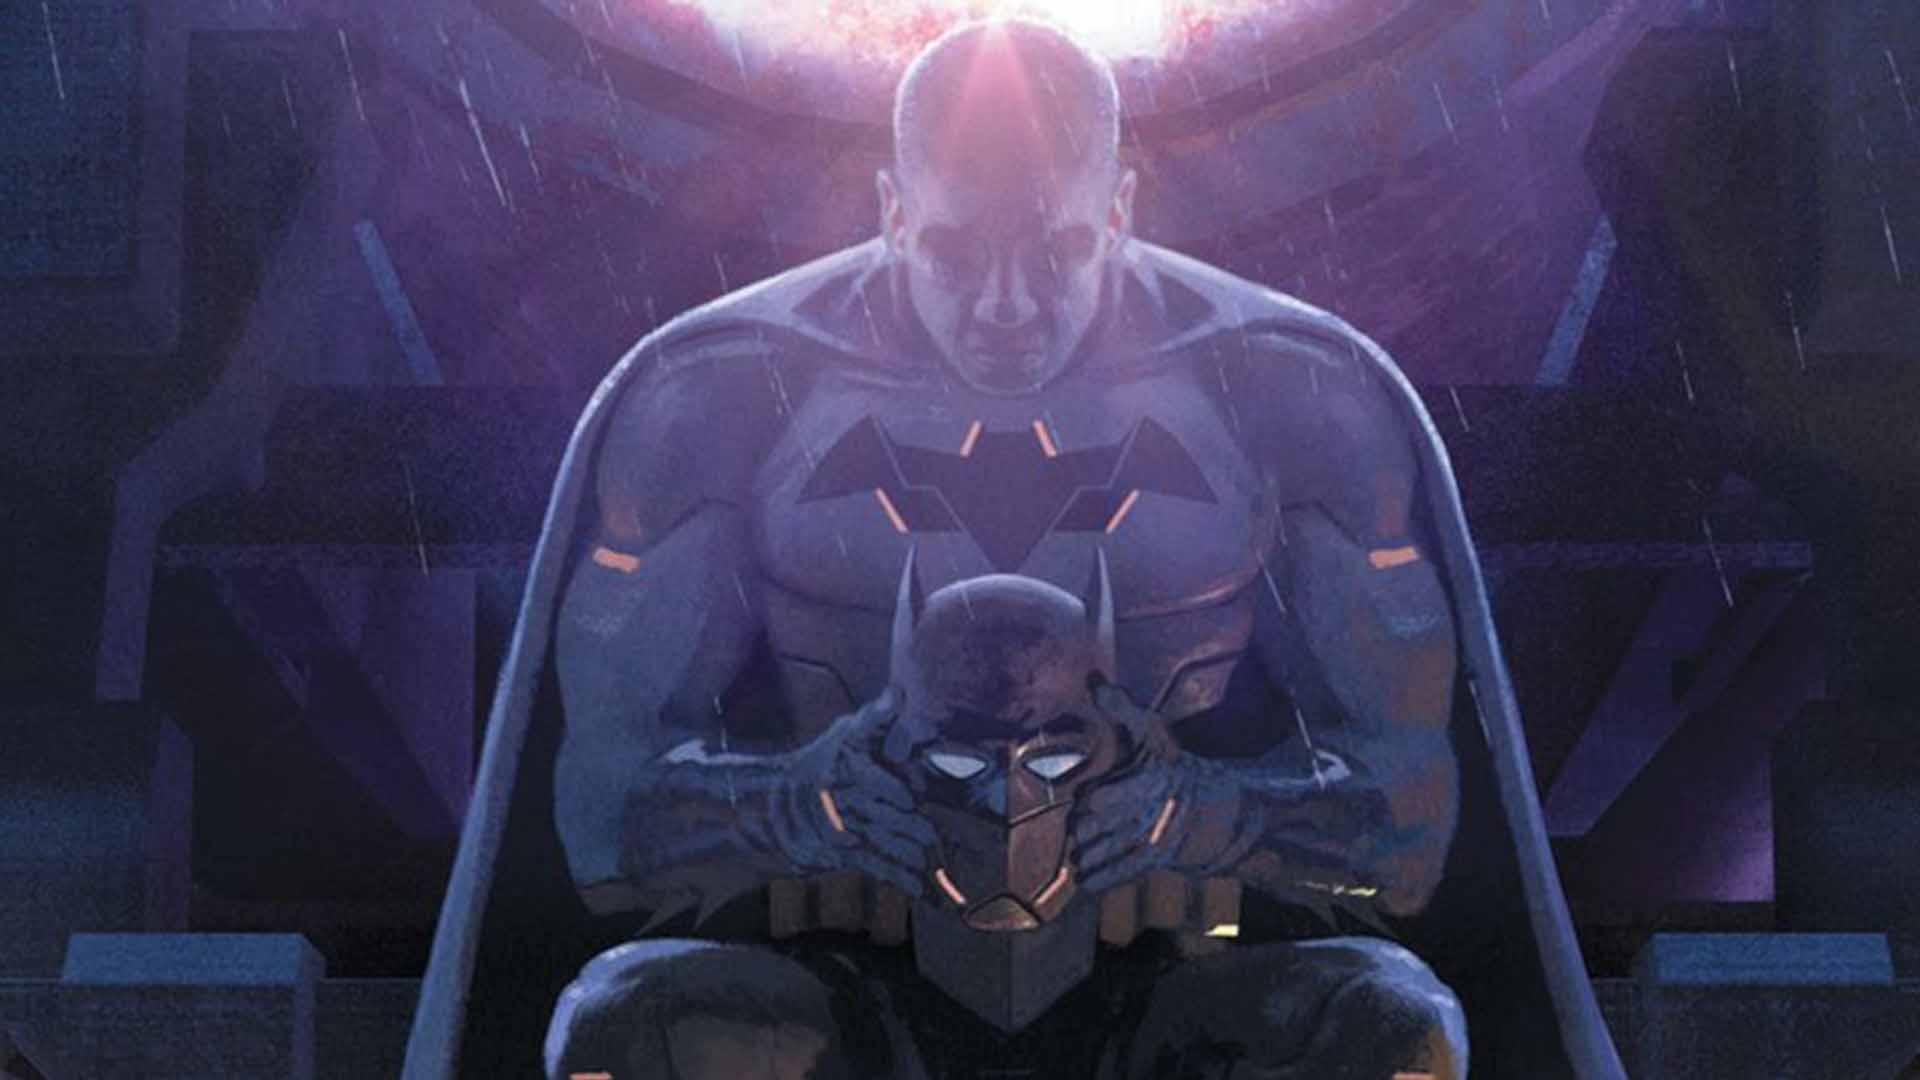 دی سی کامیکس سری کتاب The Next Batman: Second Son را معرفی کرد